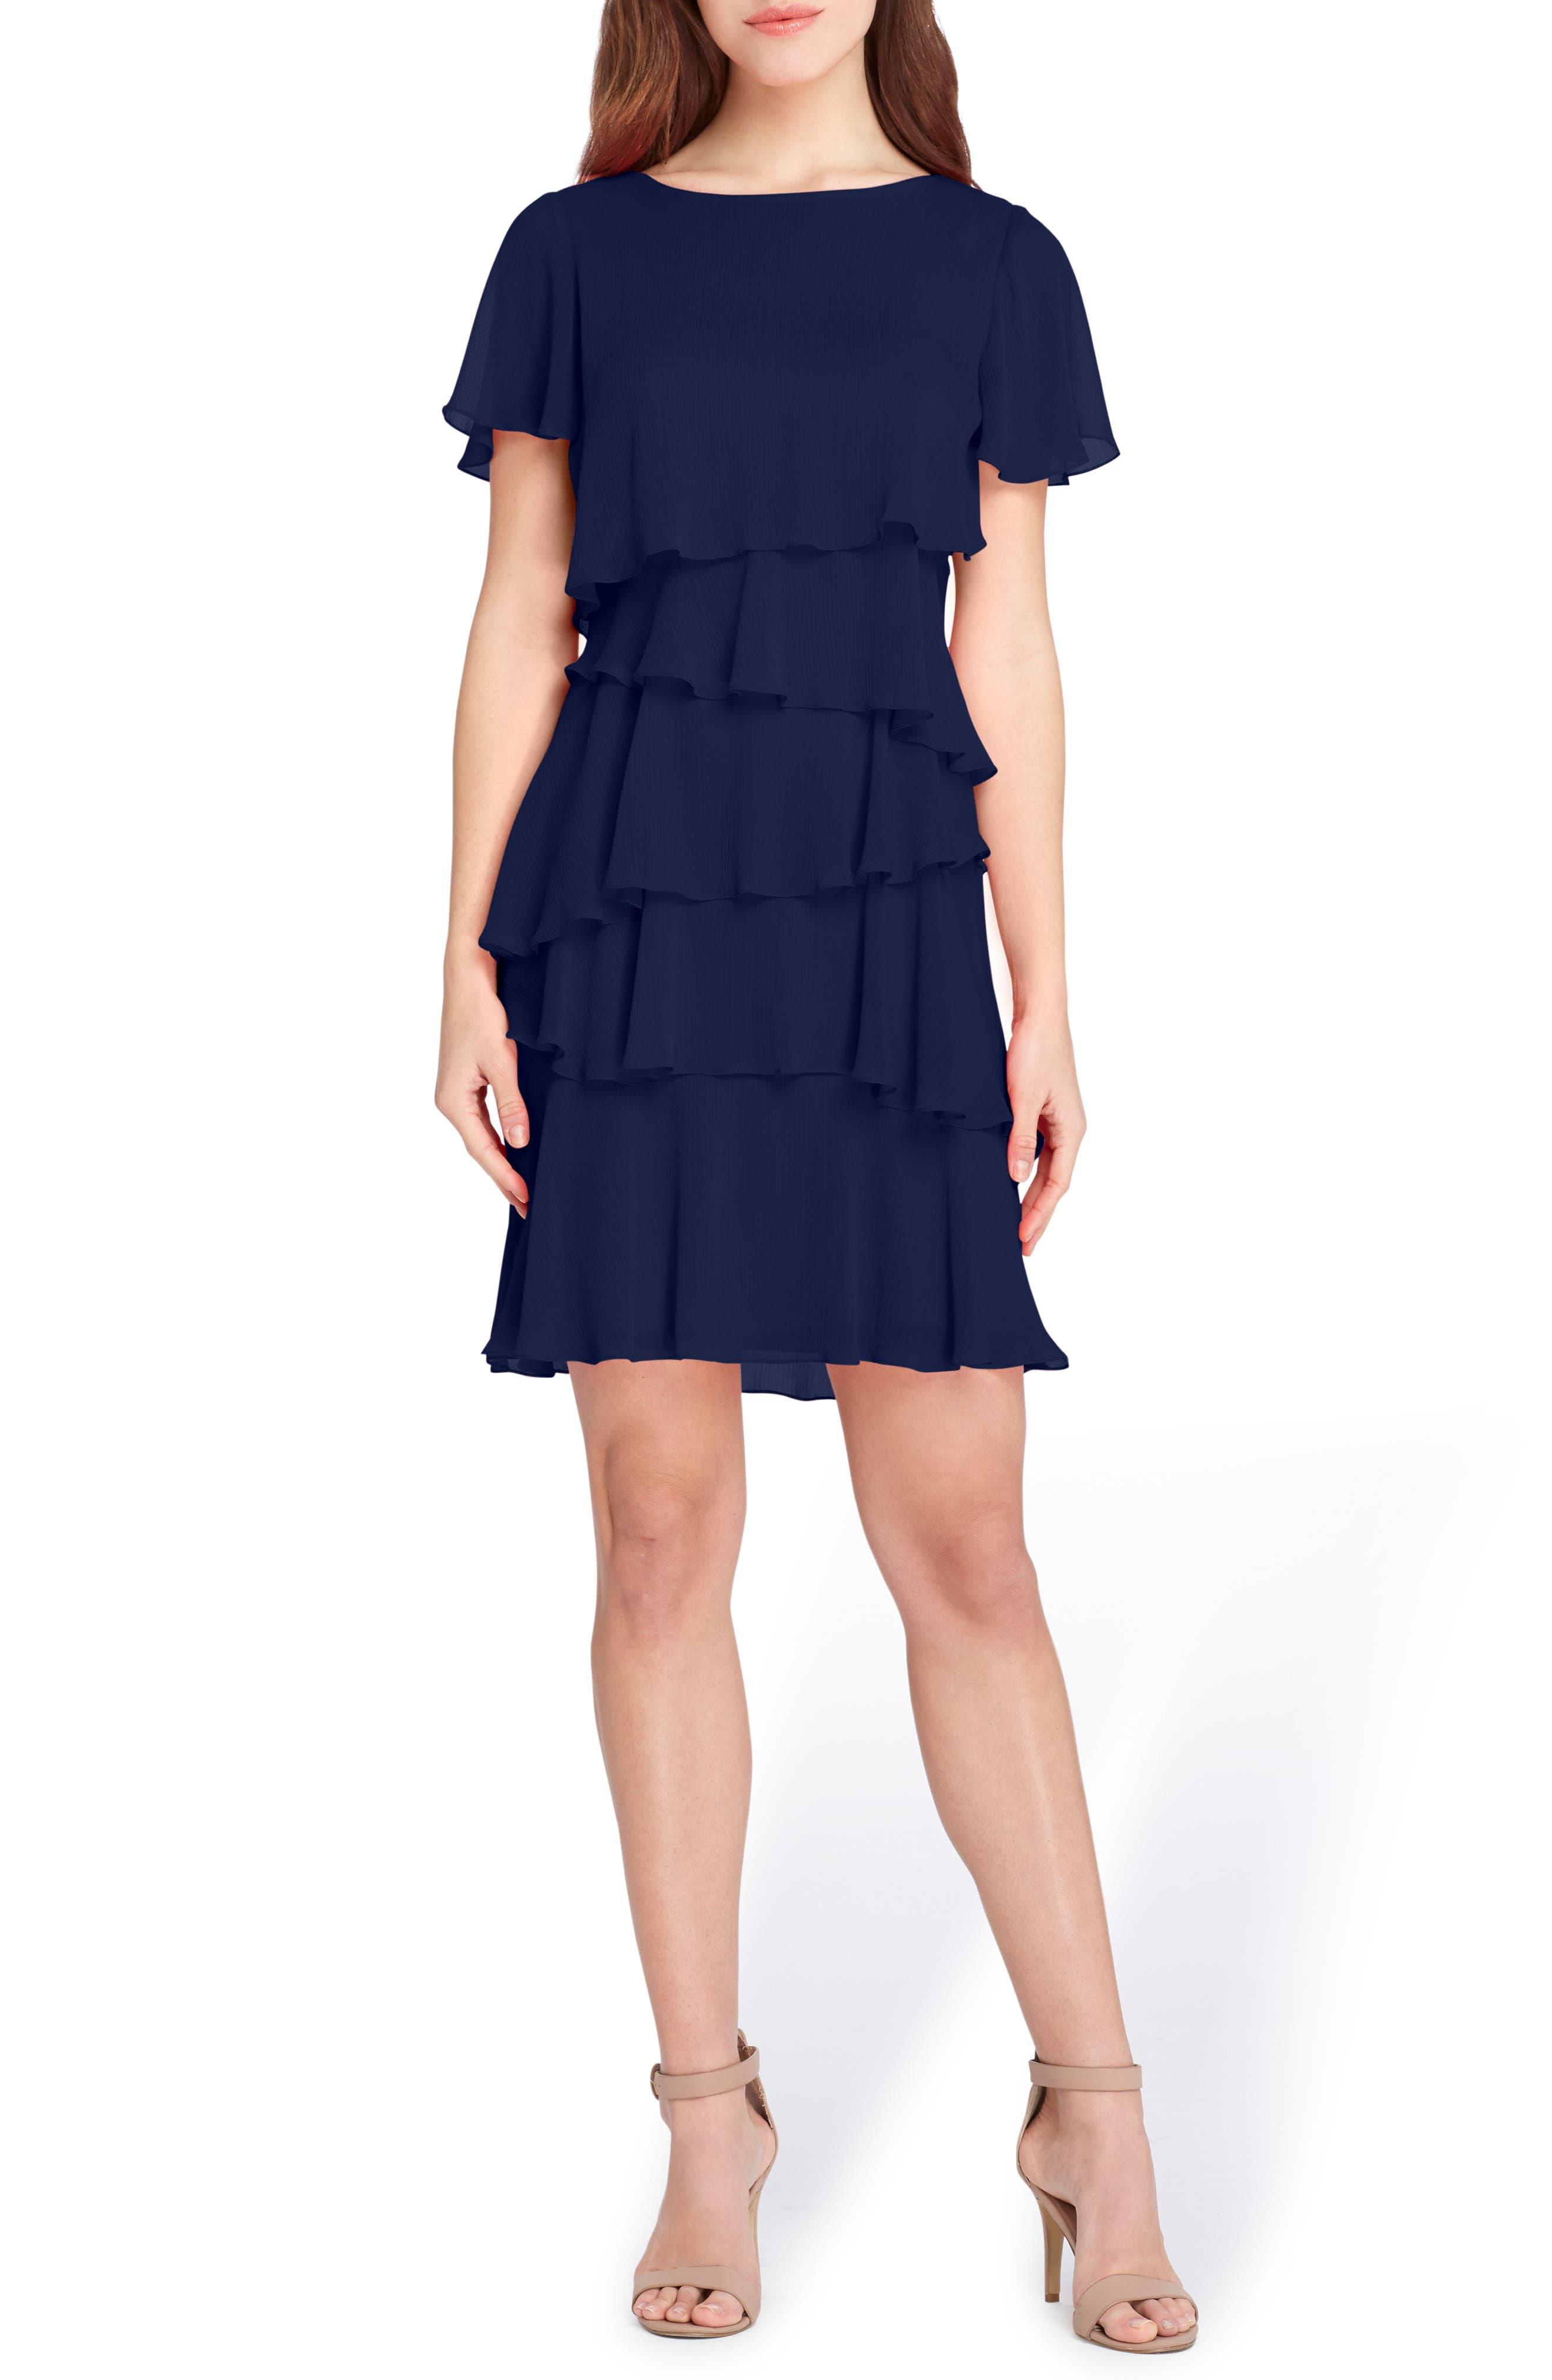 Tahari Tiered Chiffon Dress, Blue